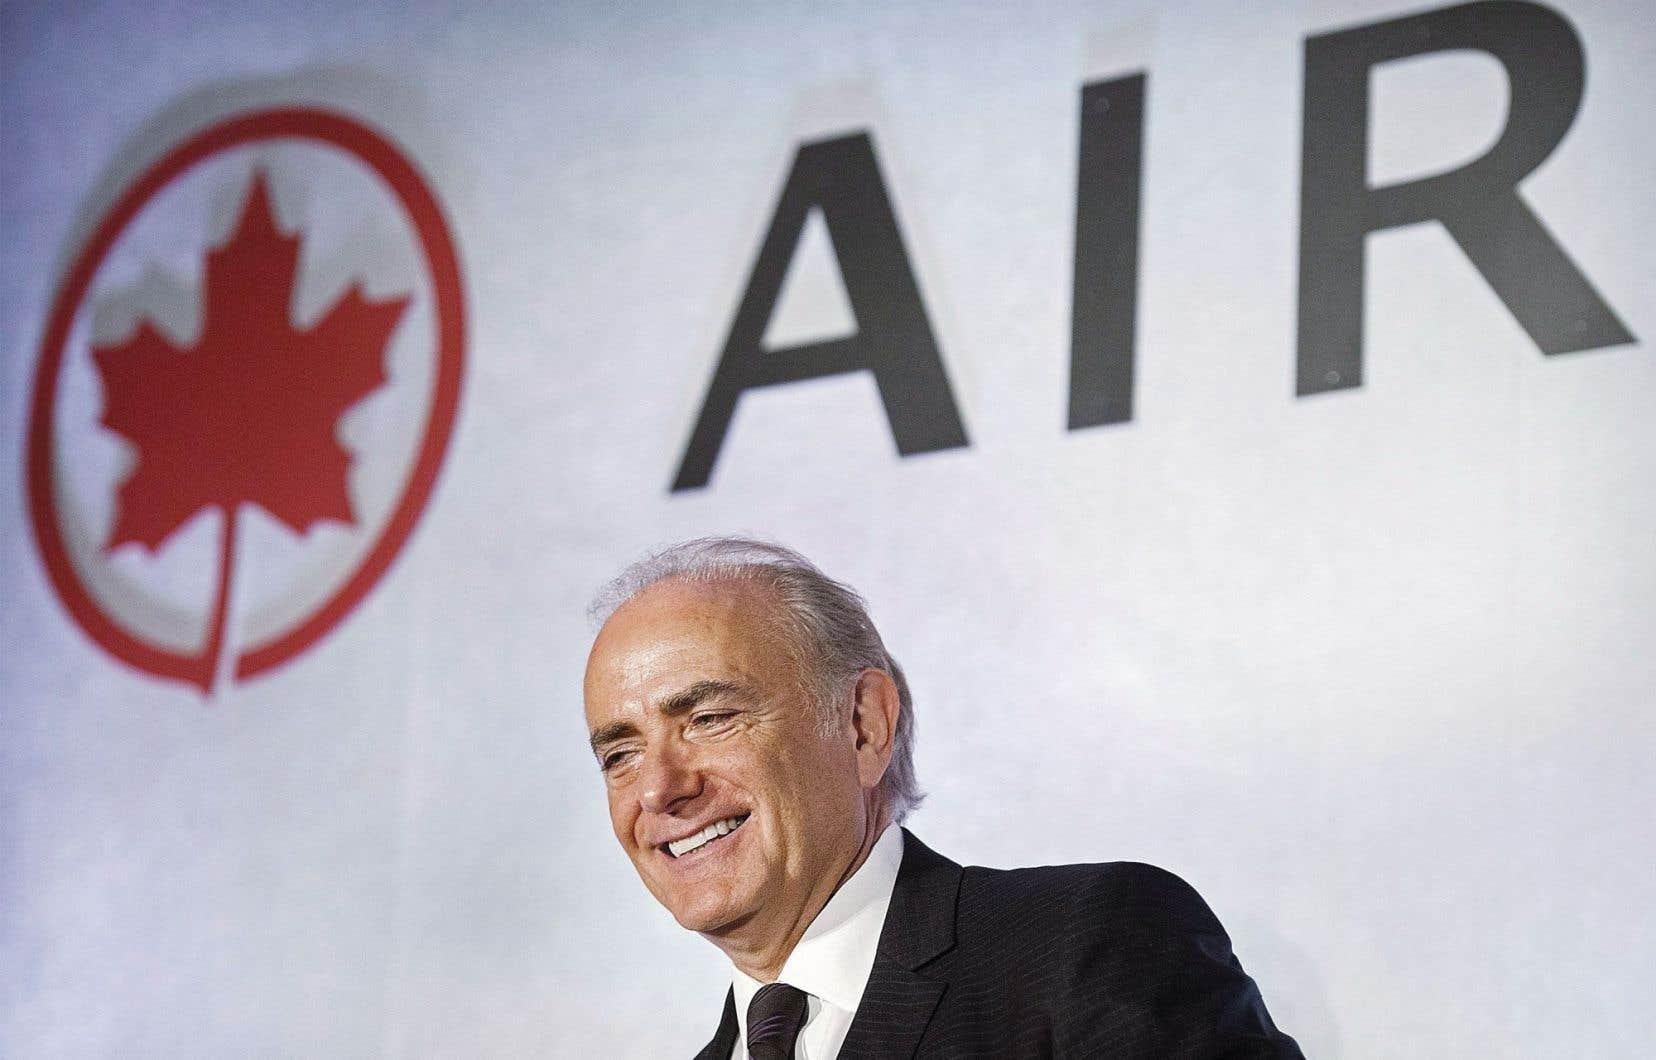 Selon Calin Rovinescu, Air Canada n'aura pas de difficultés à s'ajuster à l'intention de WestJet d'étendre la portée de son service.